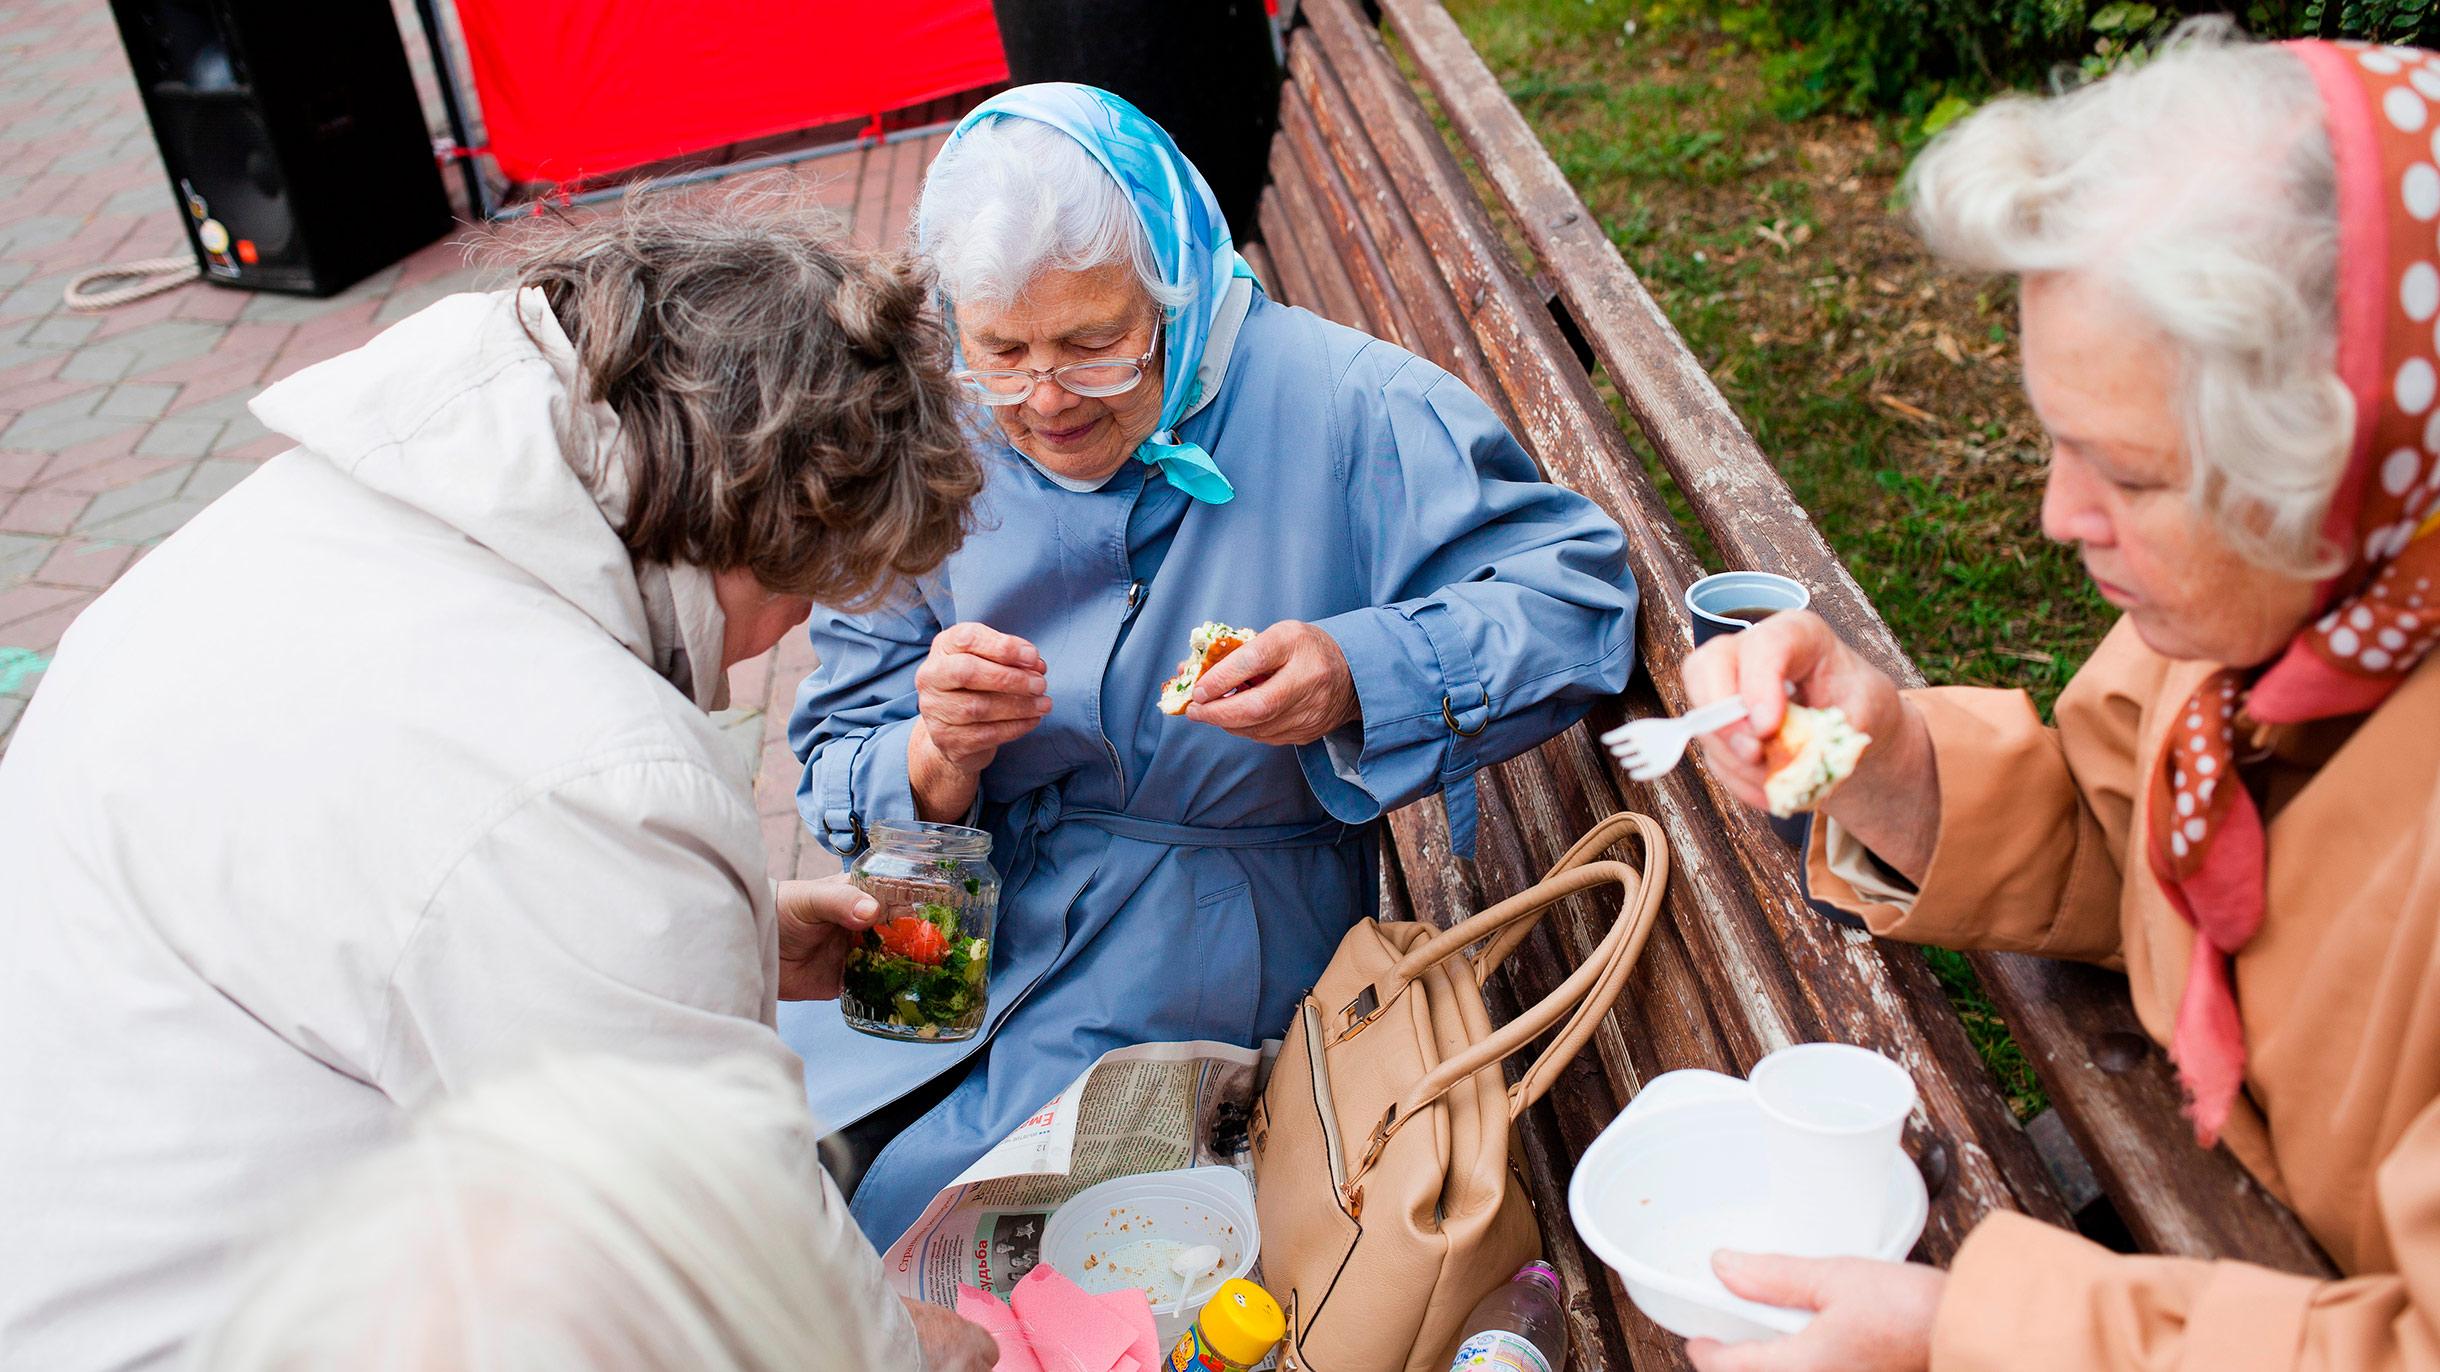 Некоторым пенсионерам добавили к пенсии 1 рубль. Почему так произошло?